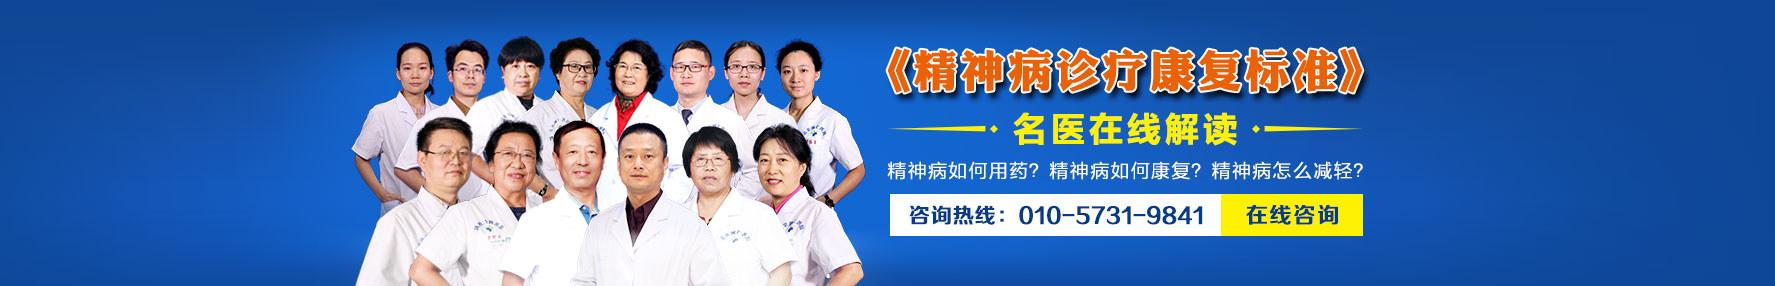 北京精神病医院